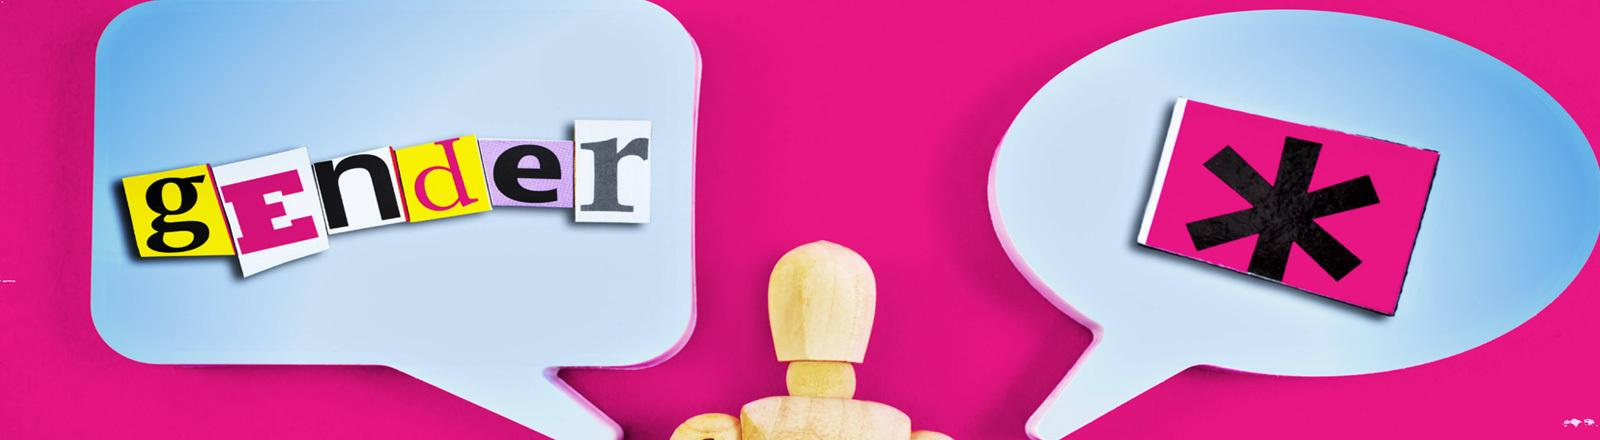 """Eine Holzfigur vor pinkem Hintergrund - in Sprechblasen steht """"gender"""" und ein Gendersternchen."""